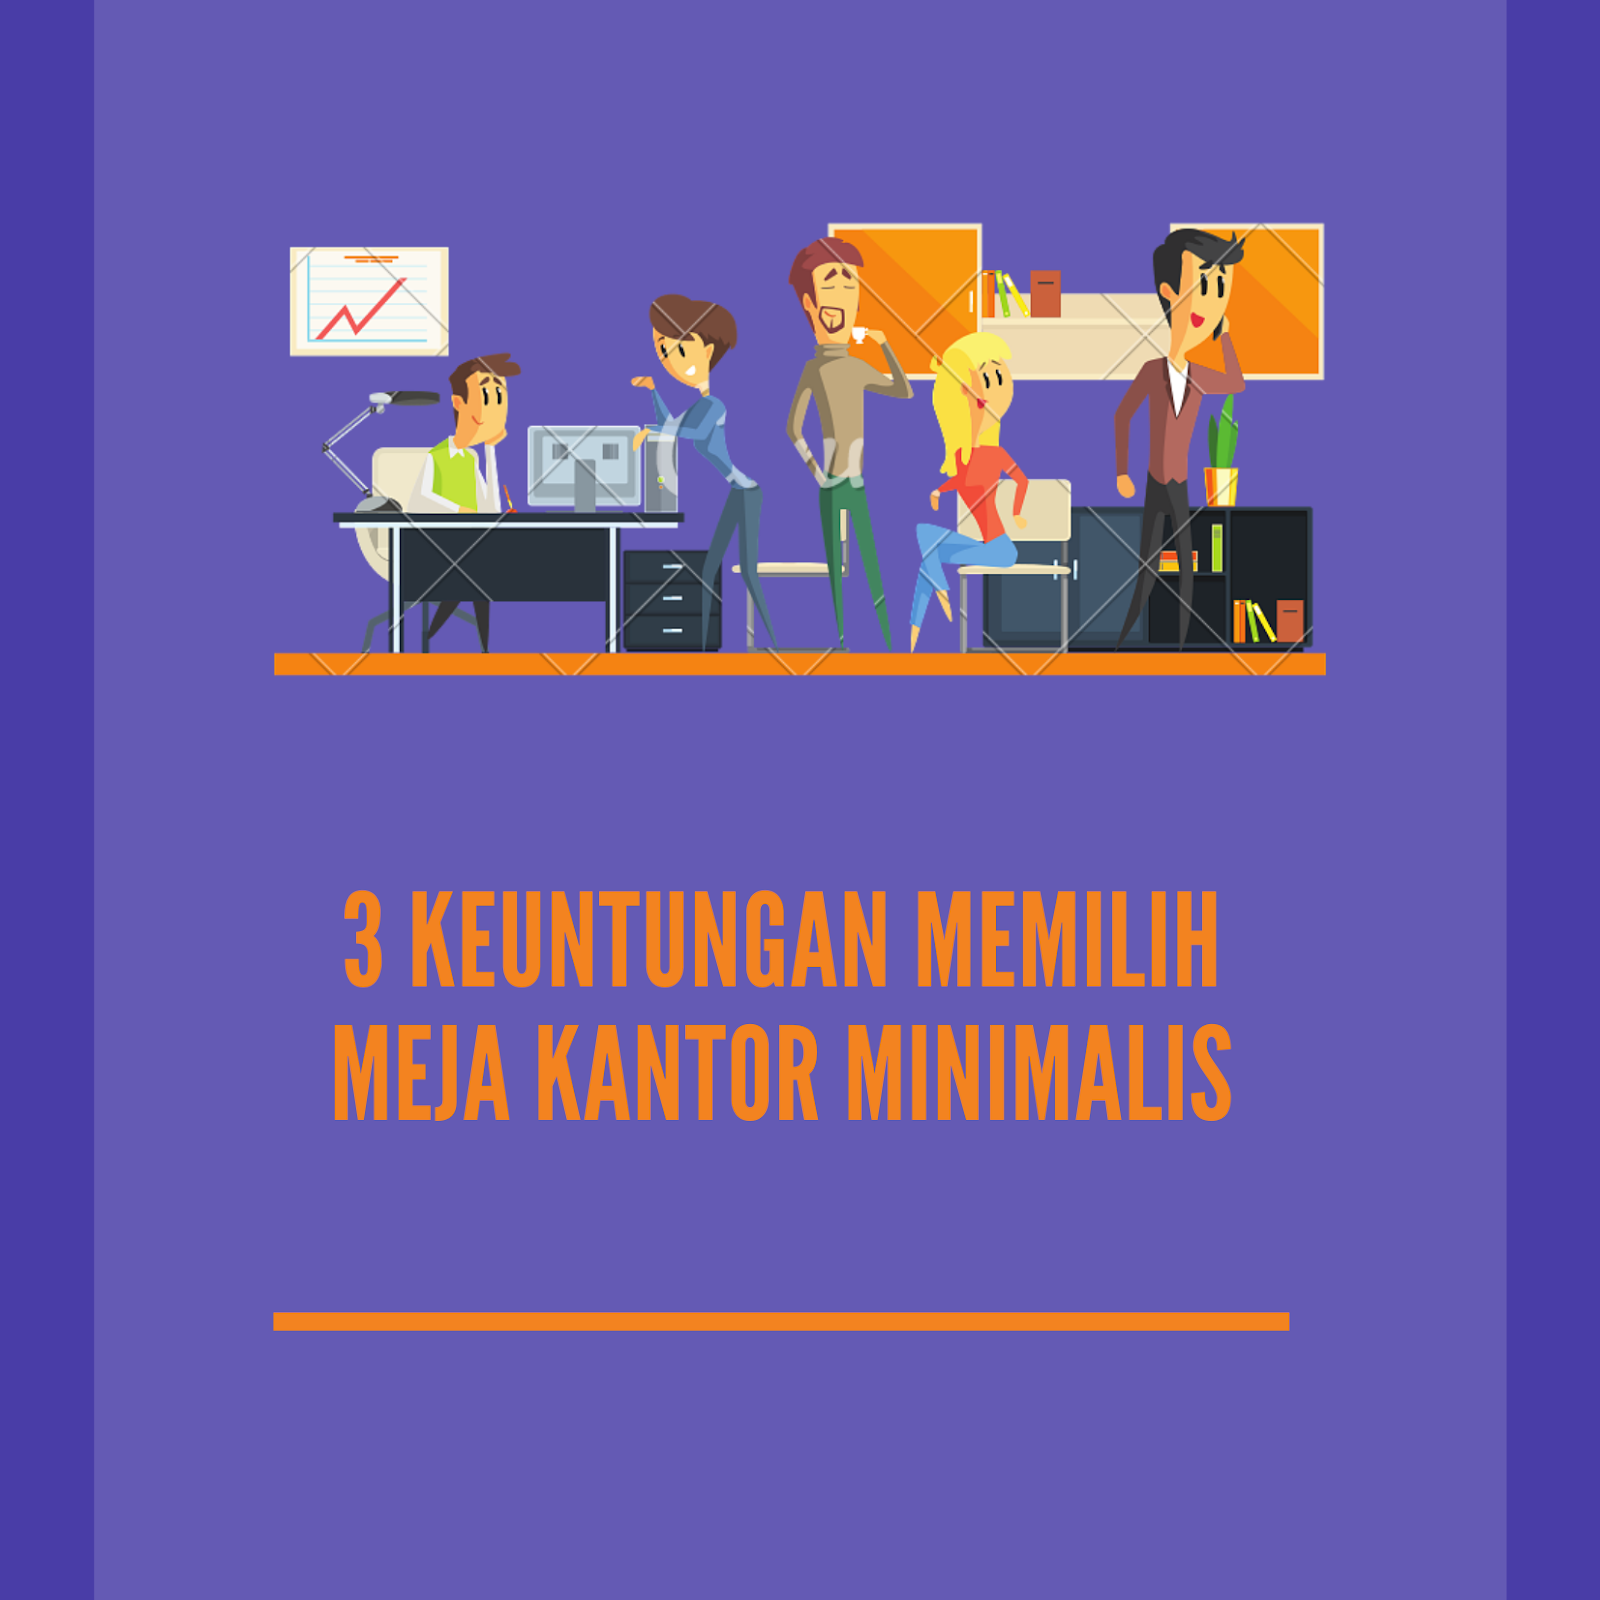 3 keuntungan memilih meja kantor minimalis